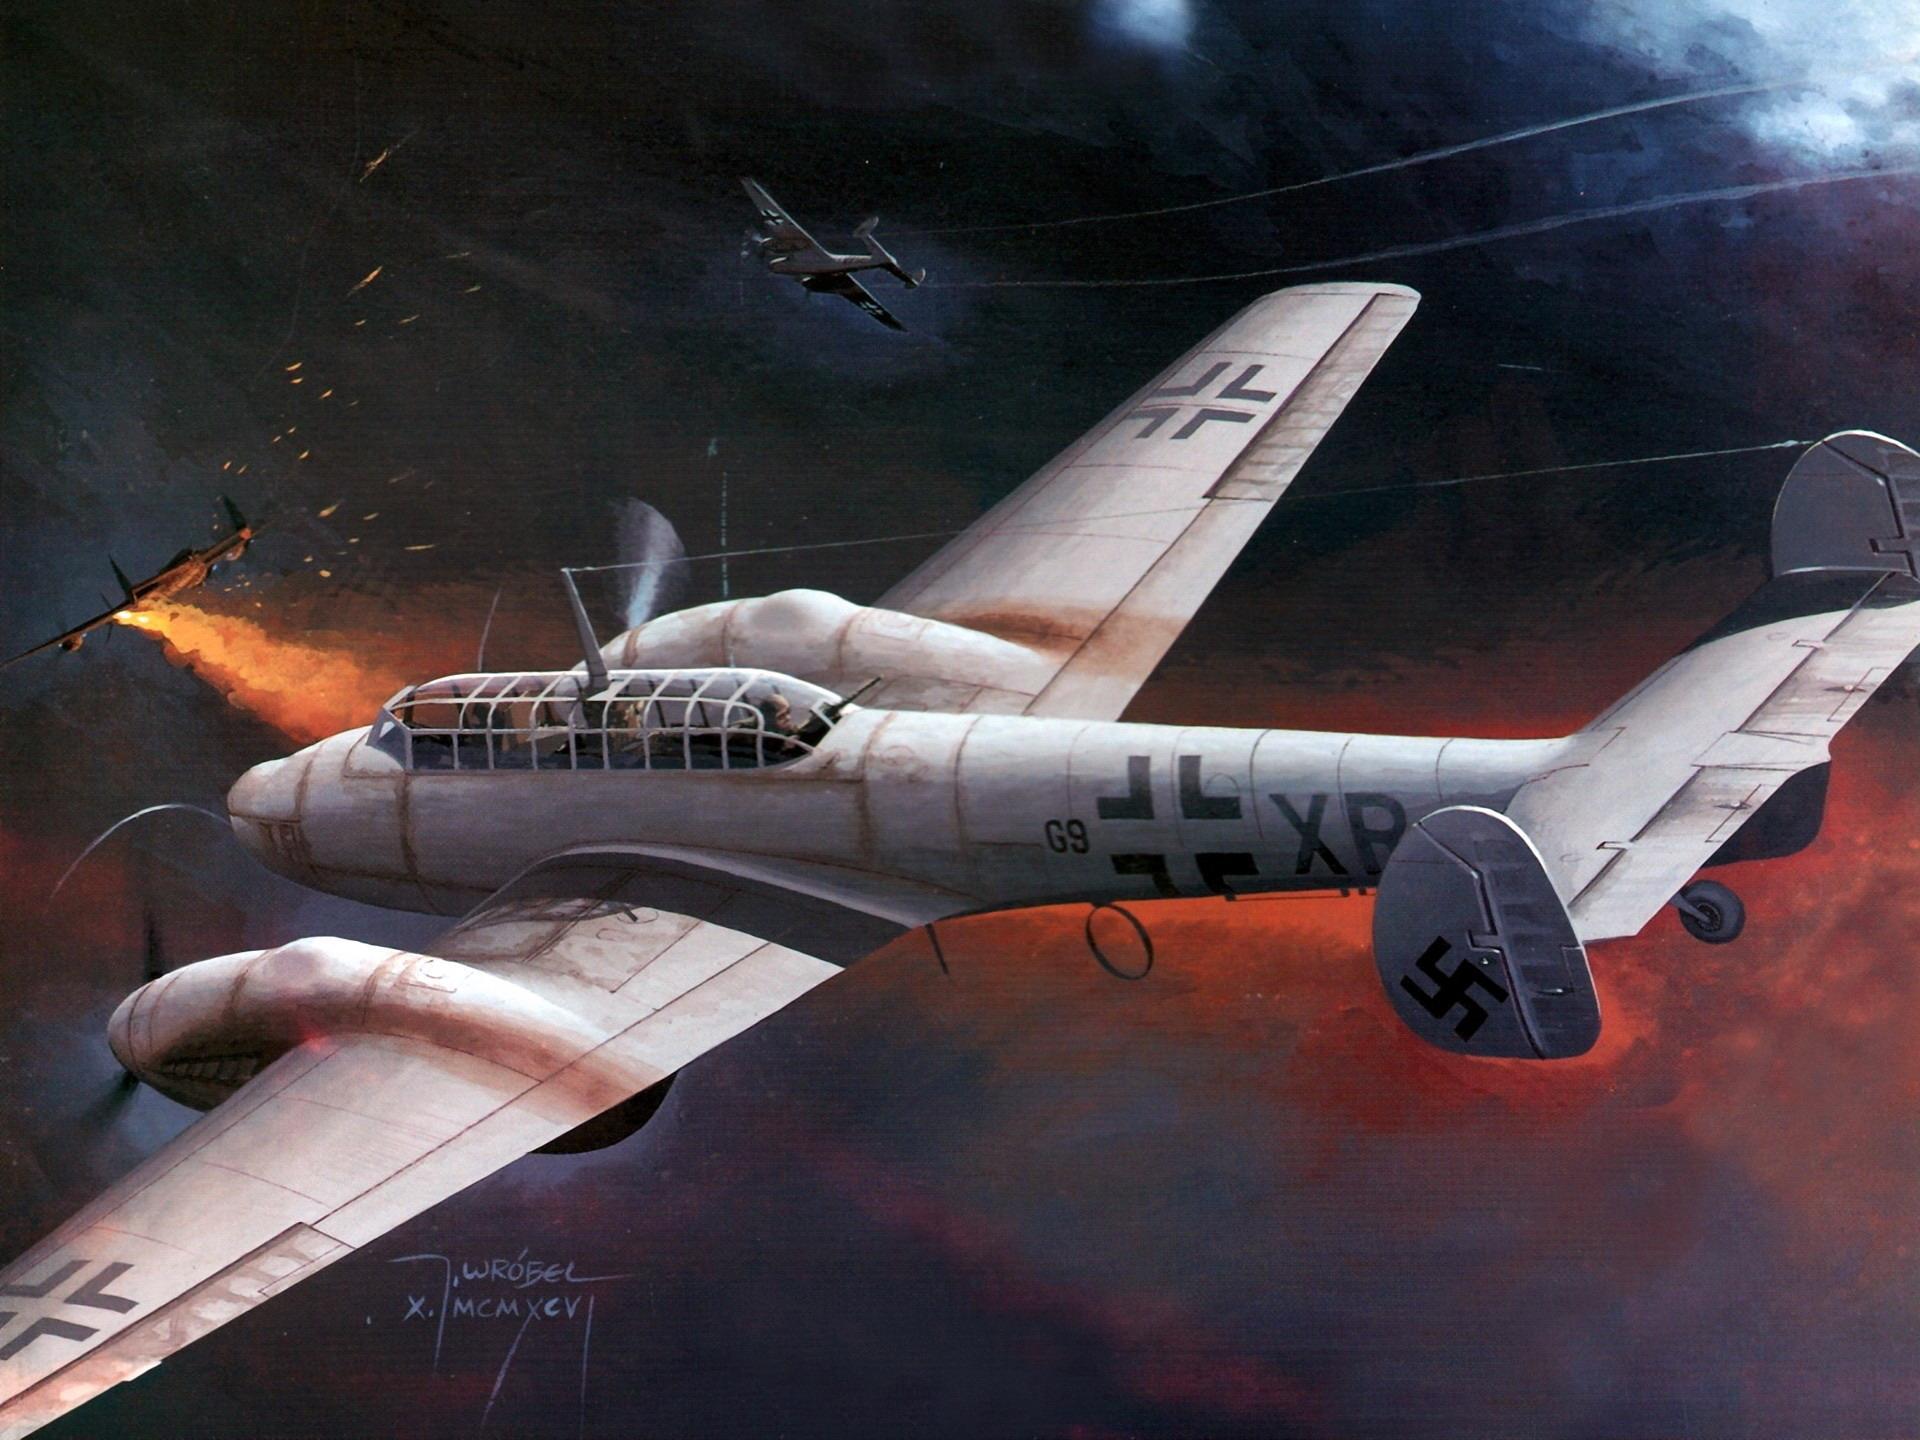 Messerschmitt Bf 110 wallpapers HD quality